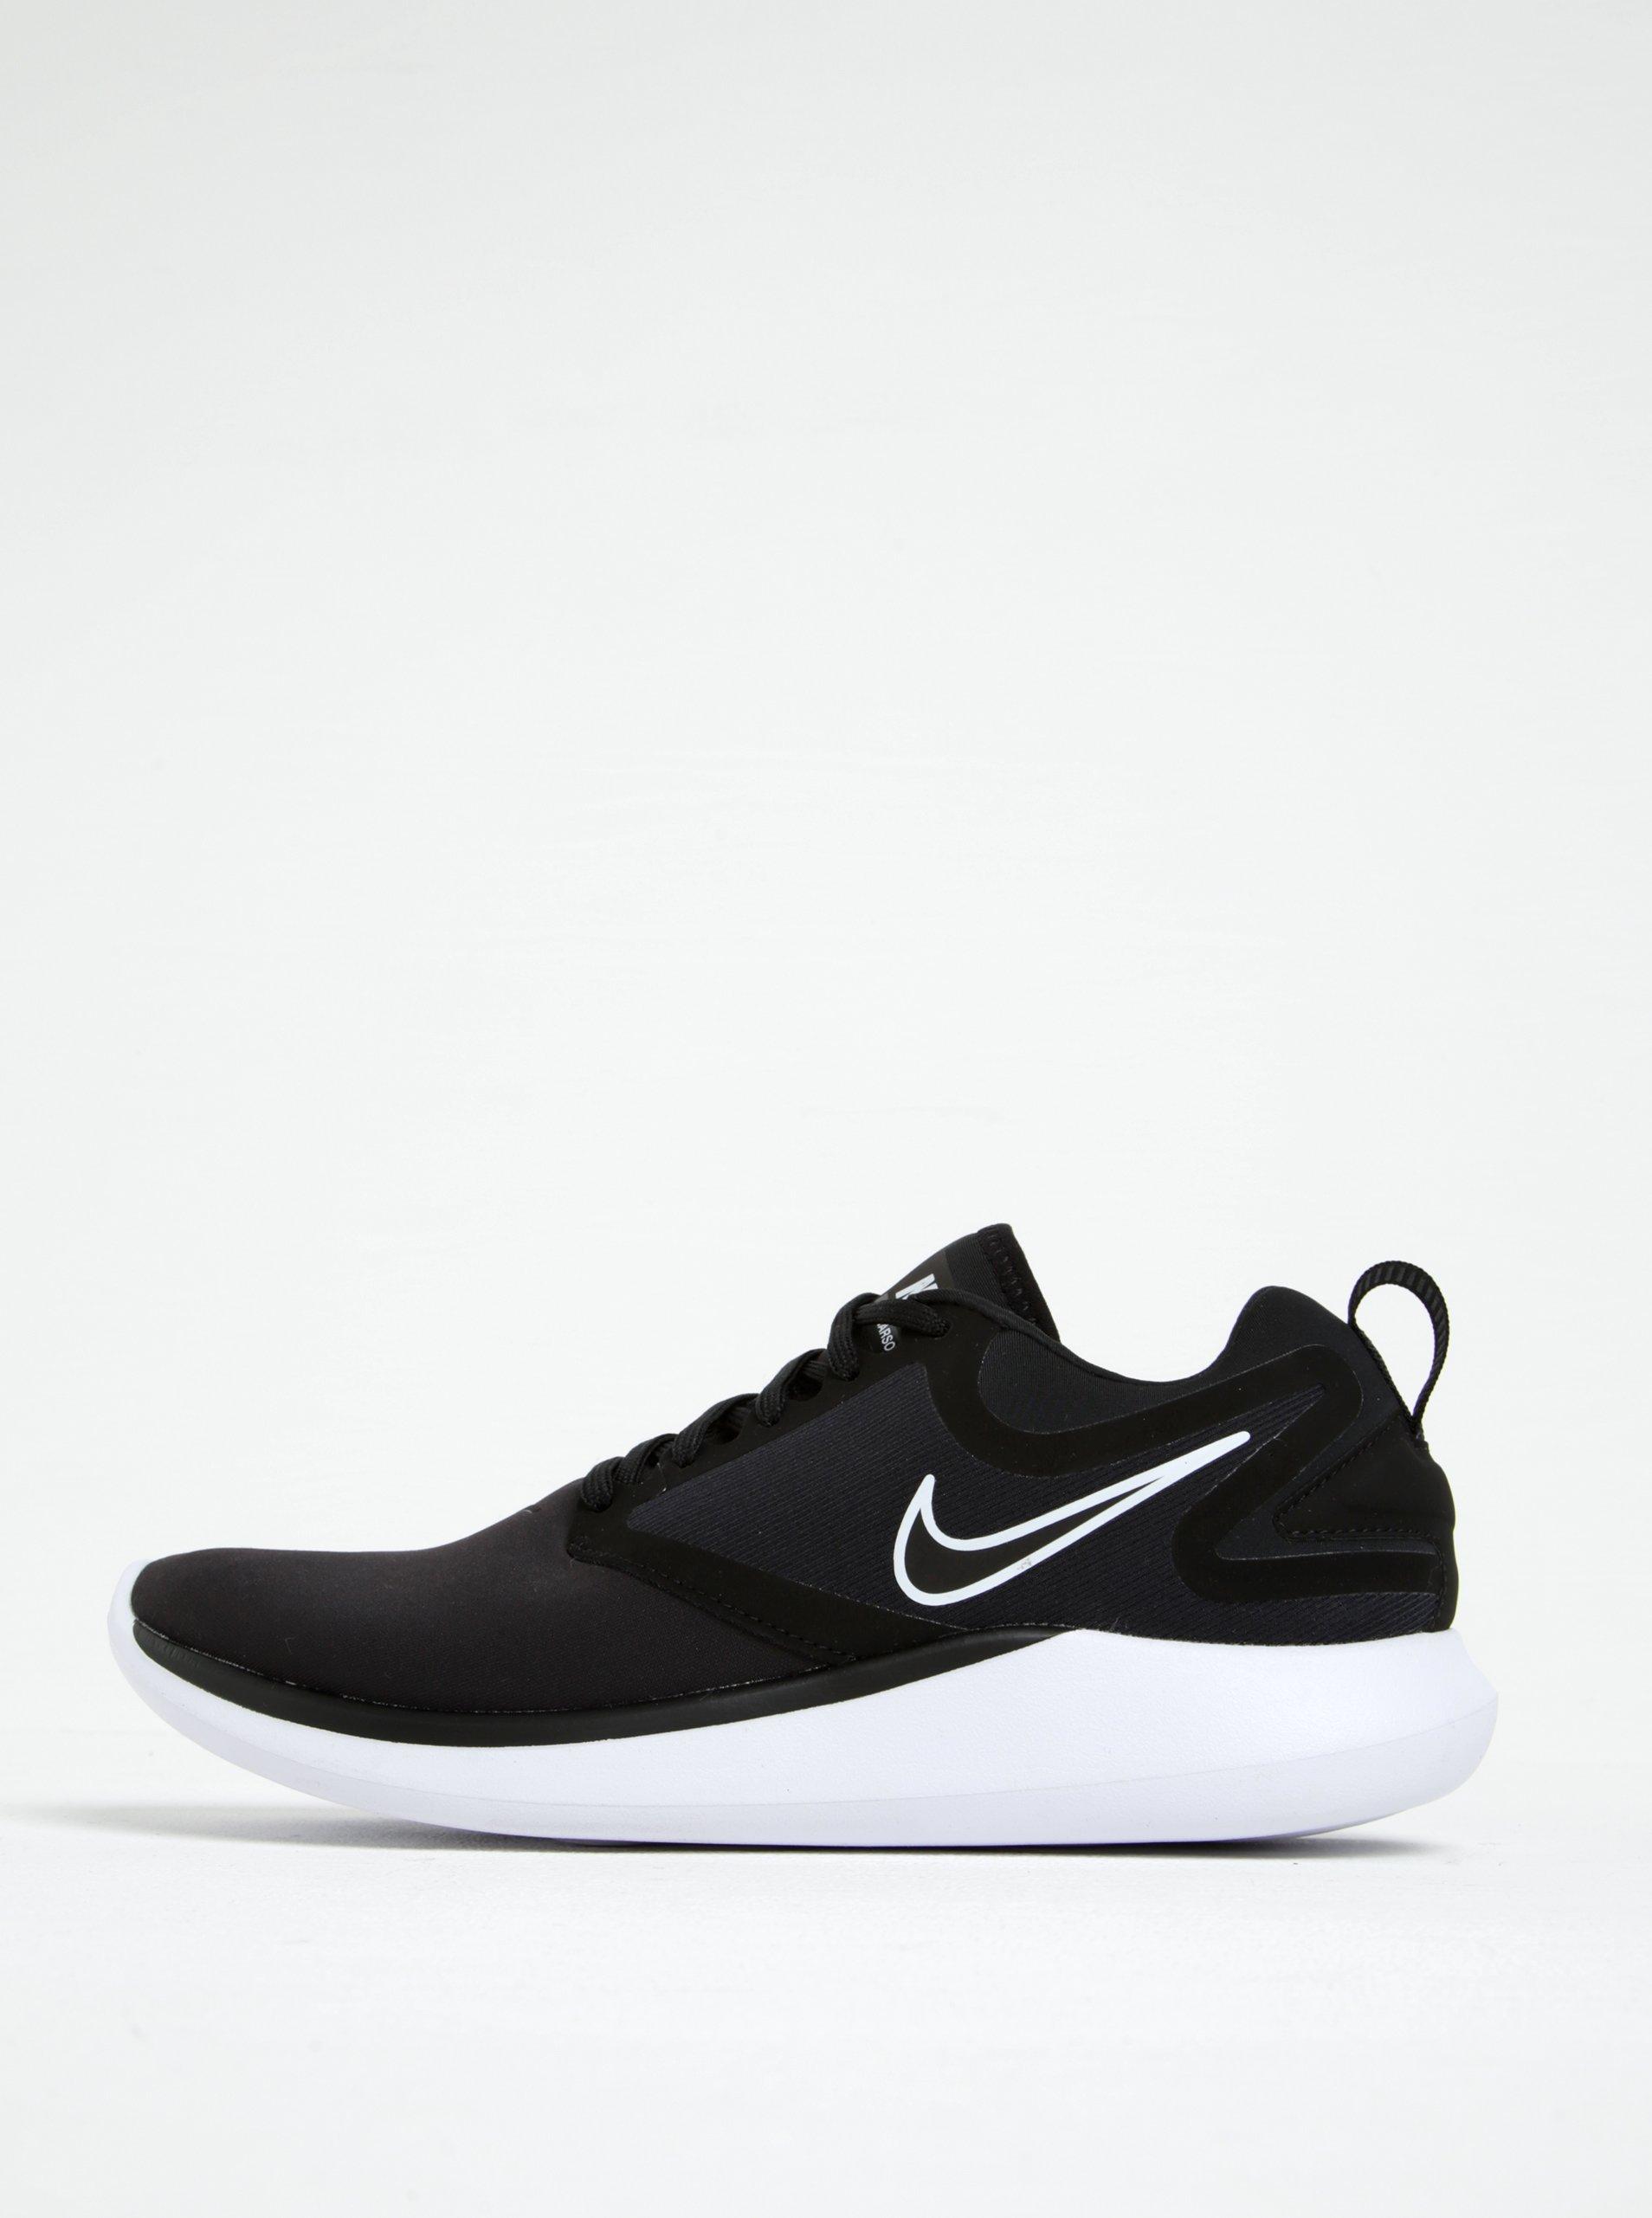 Hnědo-černé pánské tenisky Nike Lunarsolo